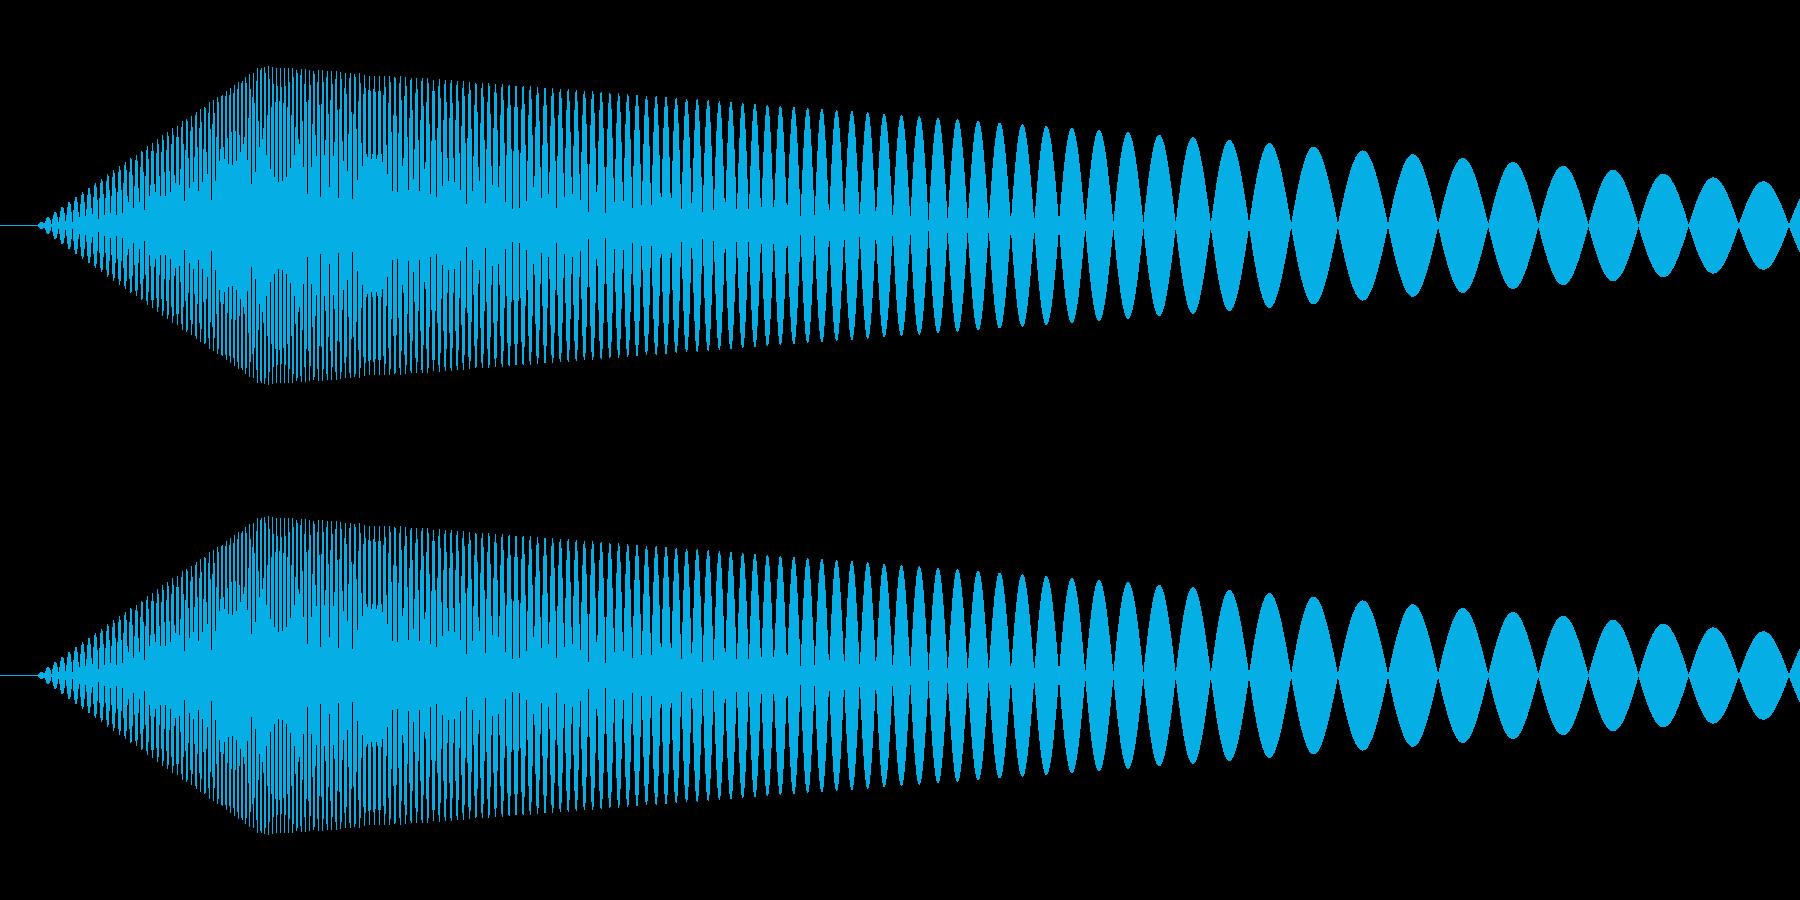 【コミカル】肉球・足音・スタンプ4の再生済みの波形